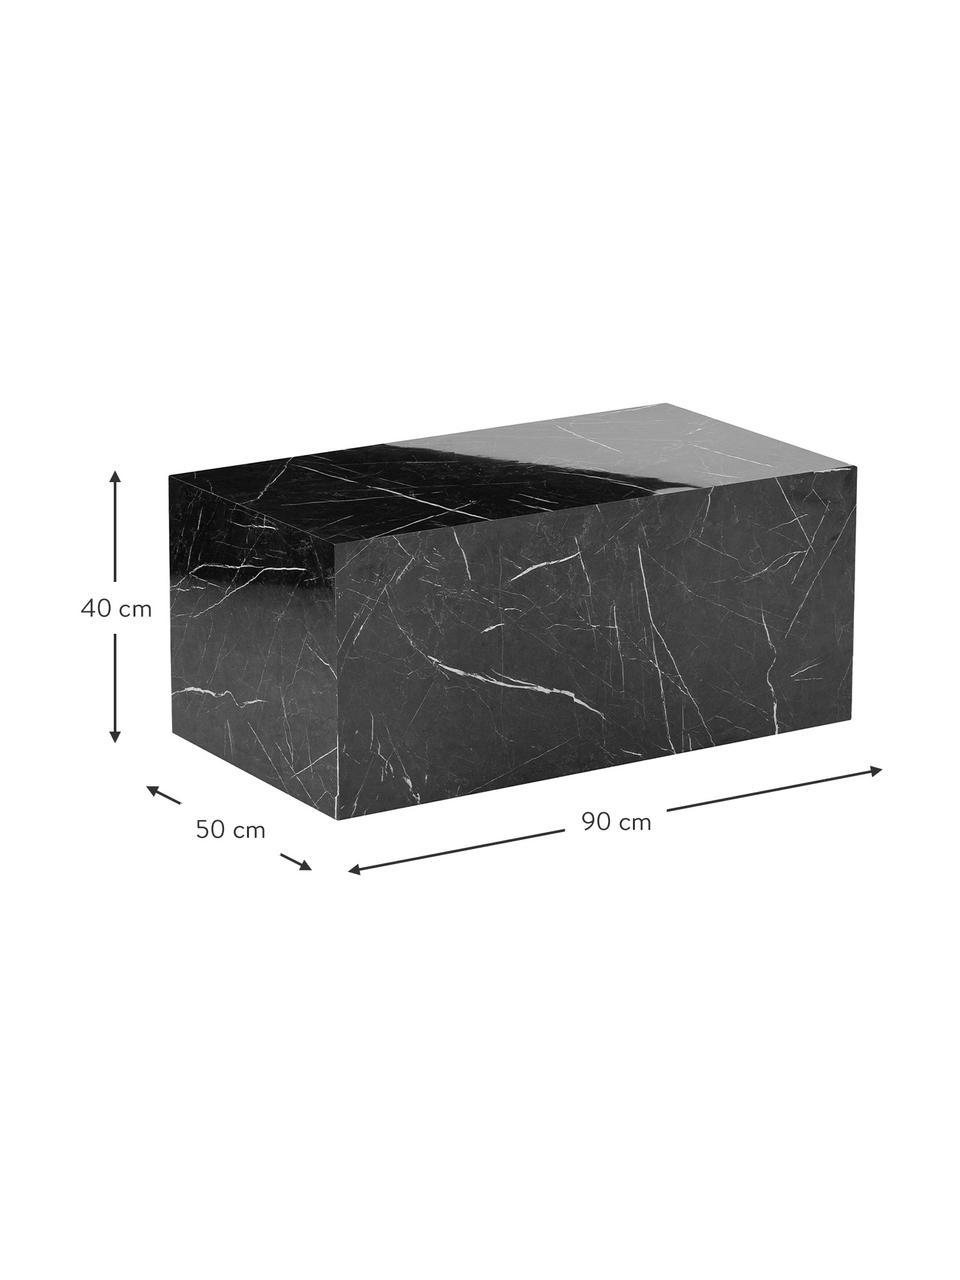 Stolik kawowy z imitacją marmuru Lesley, Płyta pilśniowa średniej gęstości (MDF) pokryta folią melaminową, Czarny, imitacja marmuru, S 90 x W 40 cm